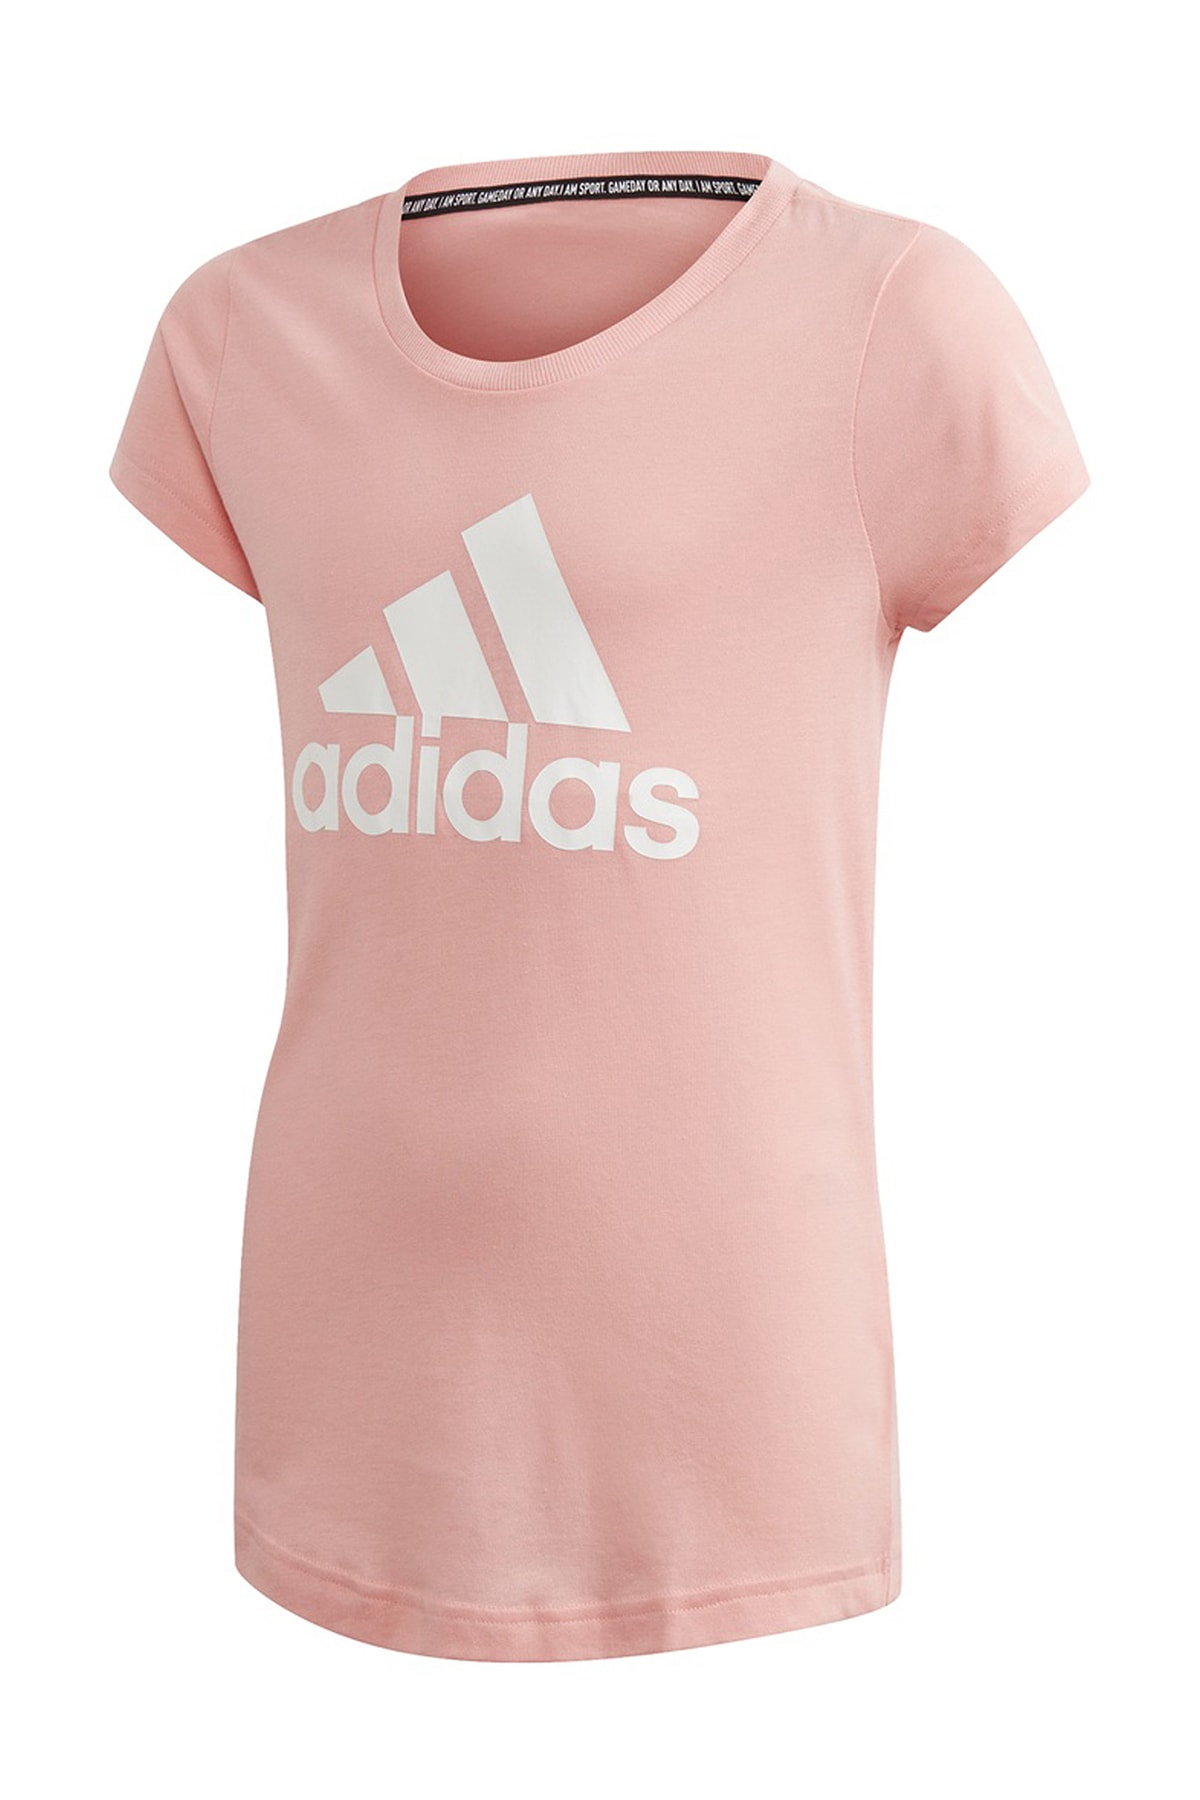 adidas FM6512-C adidas Yg Mh Bos Tee Çocuk T-Shirt Pembe 0